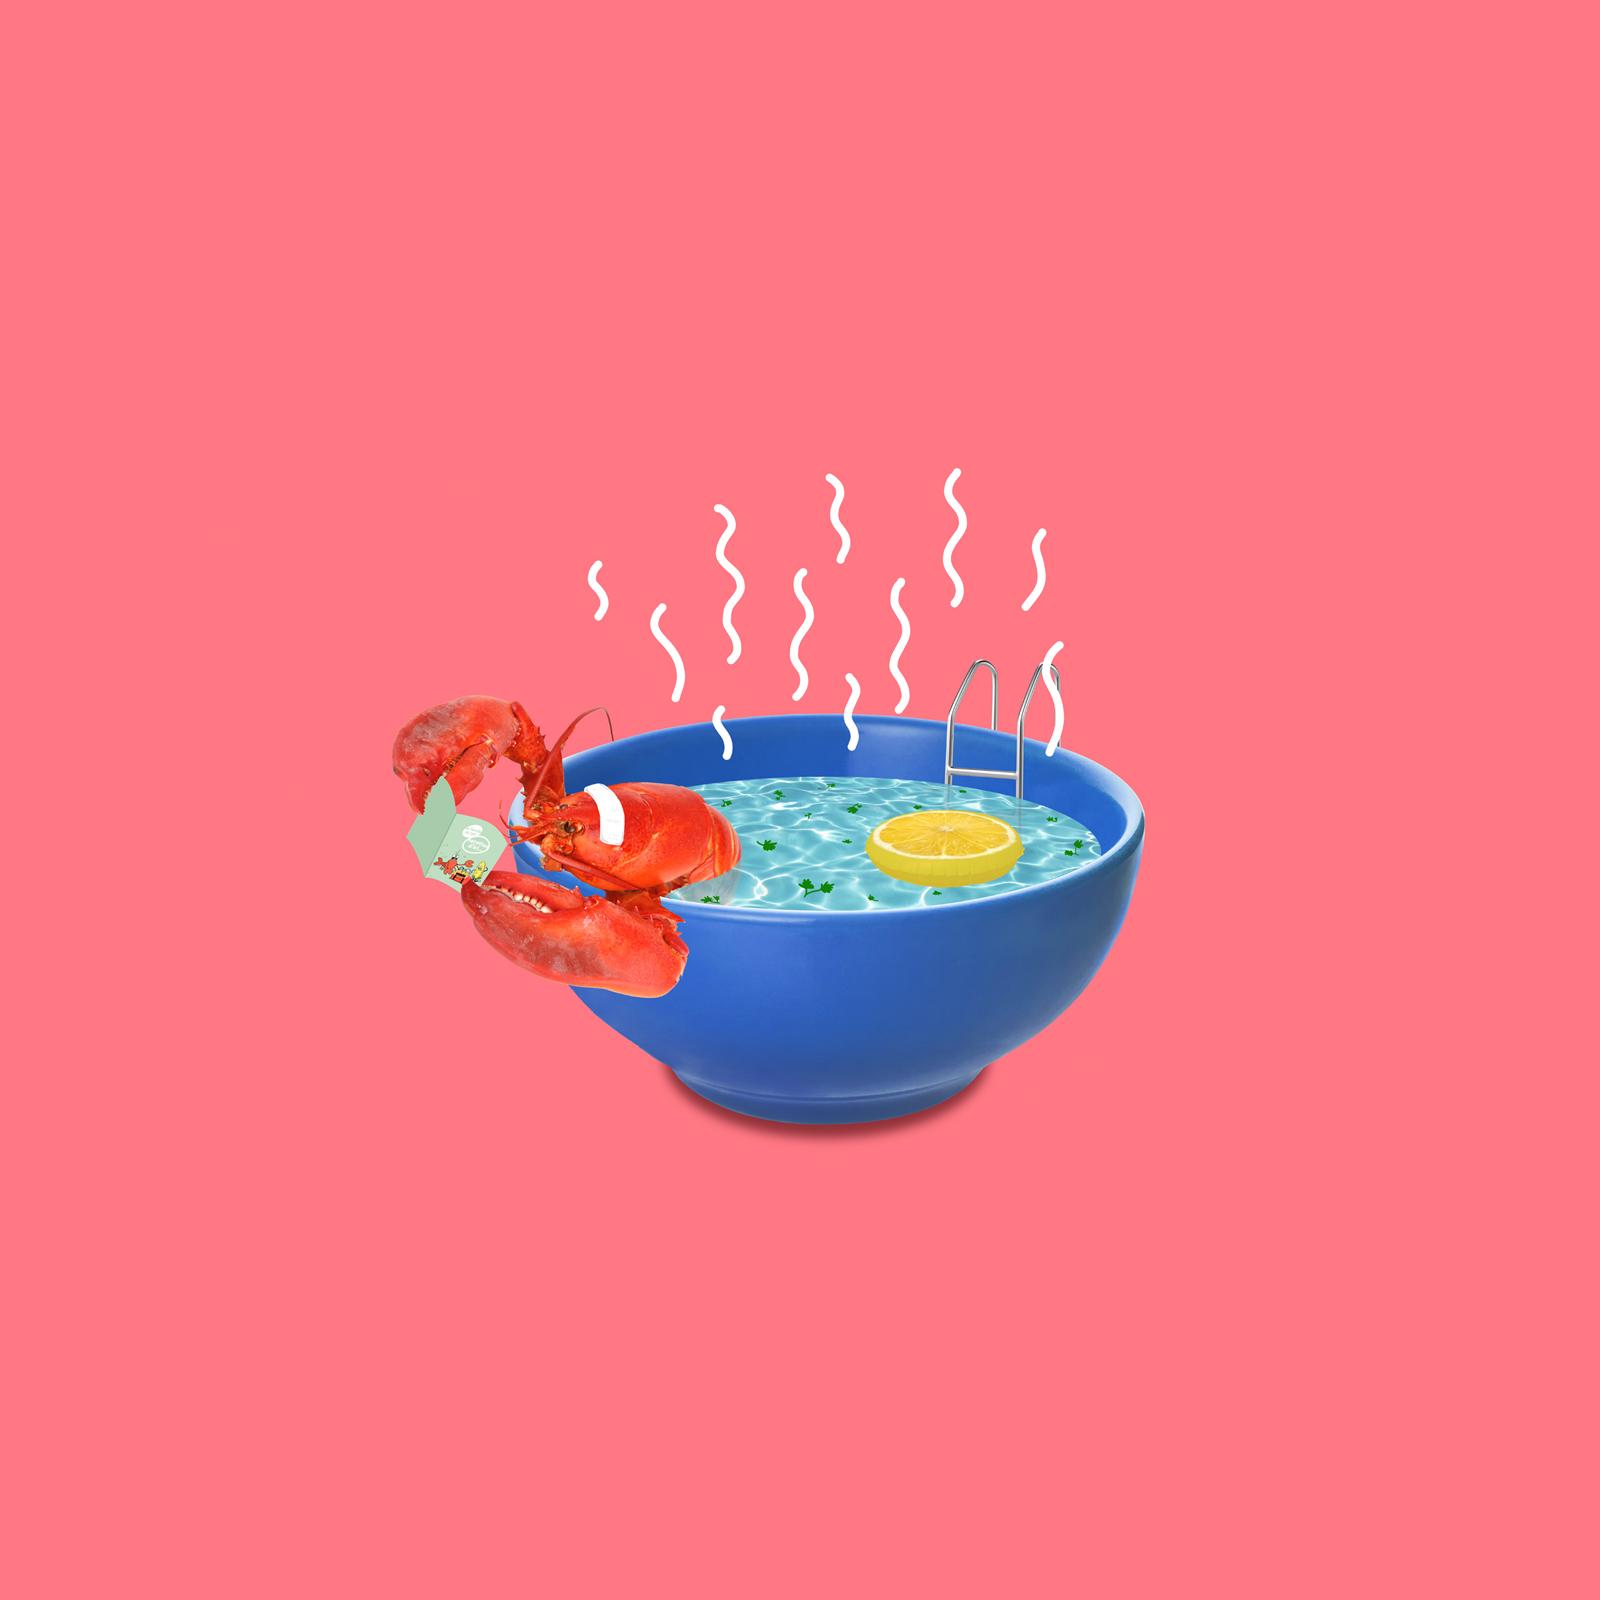 L'art de cuire les homards pour impressionner votre gang